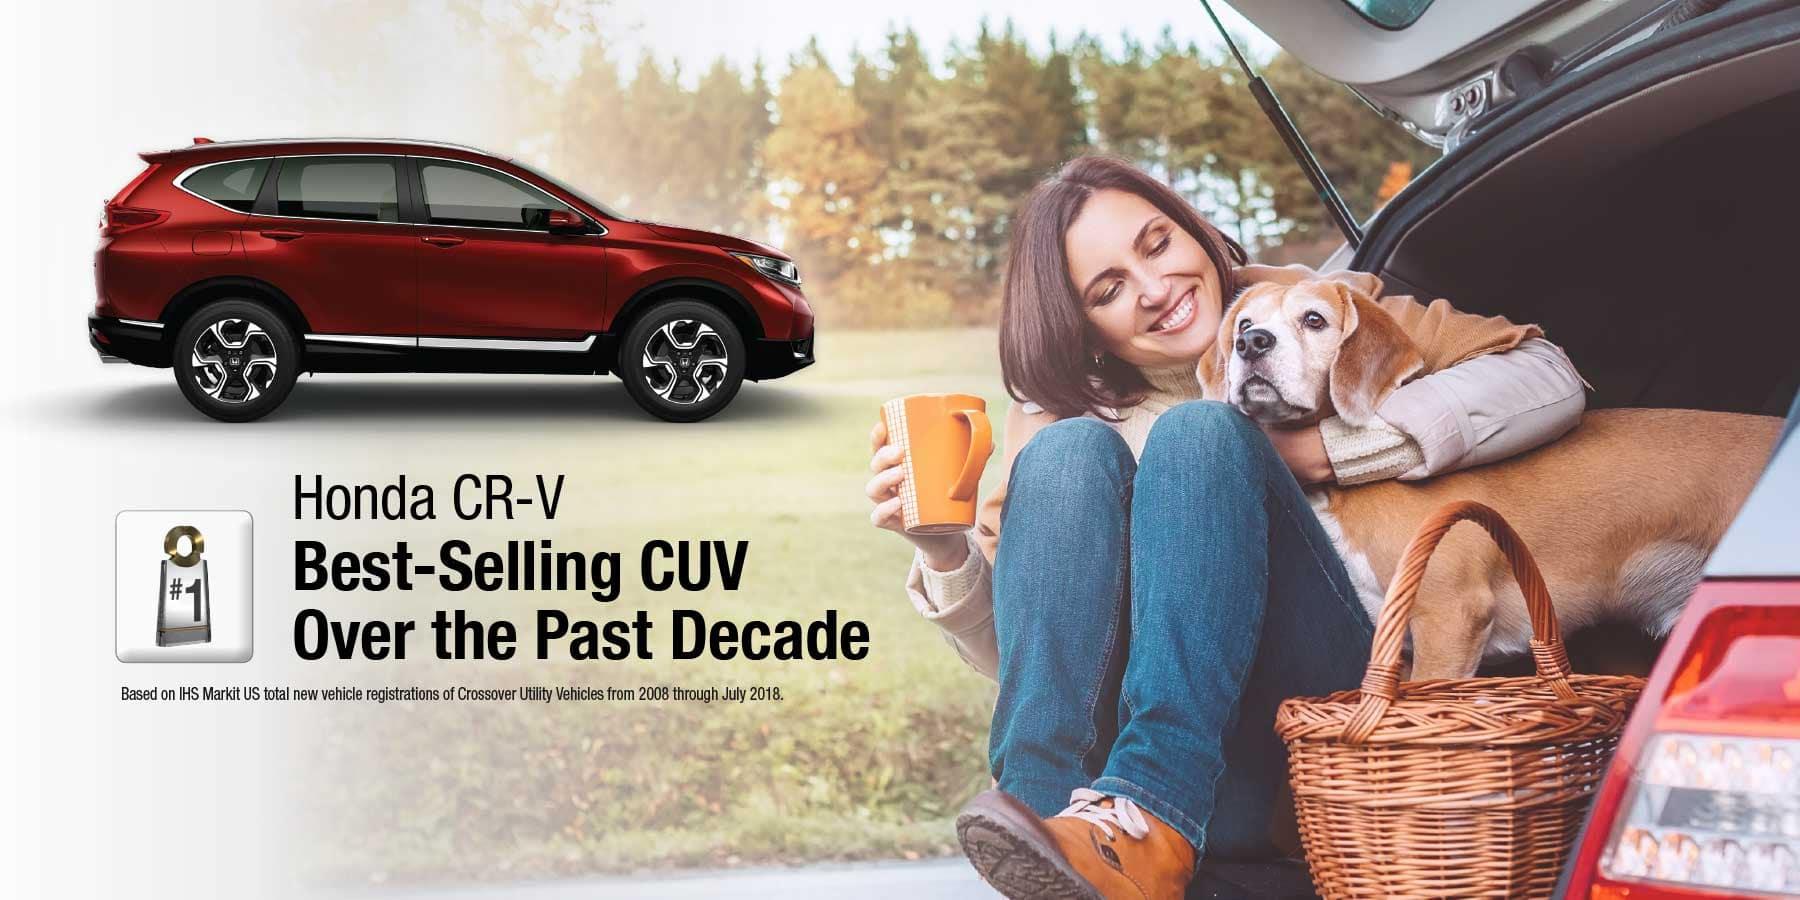 Honda CR-V Best-Selling CUV HP Slide